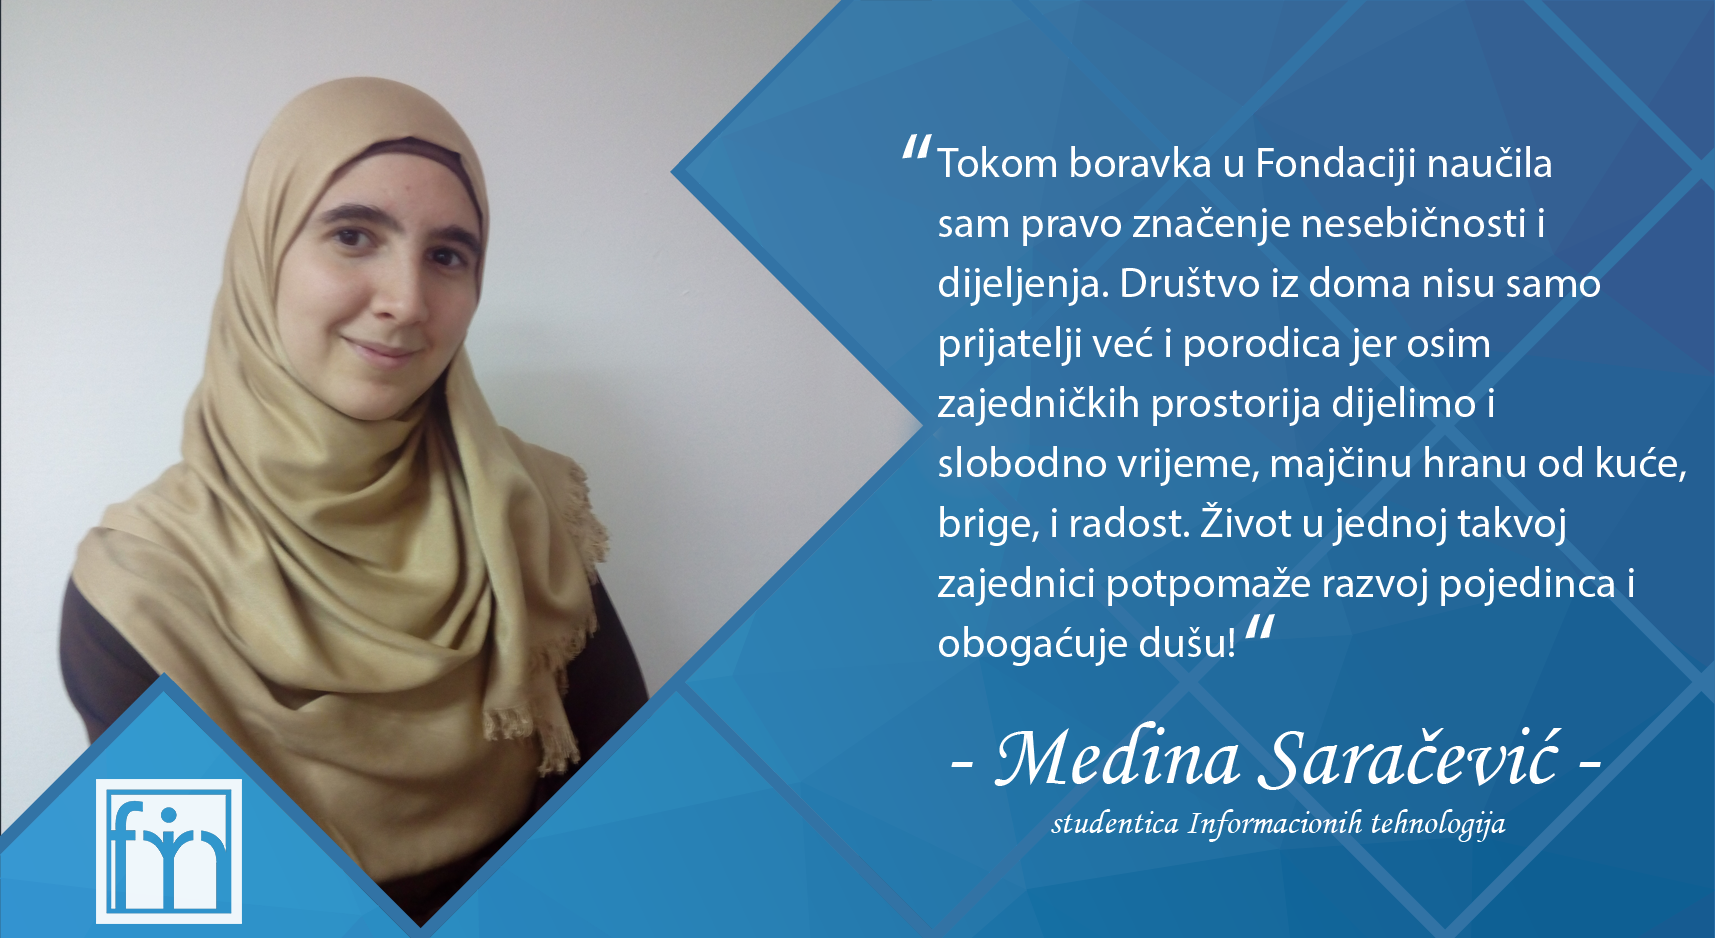 Medina_Saracevic_Izvor_nade